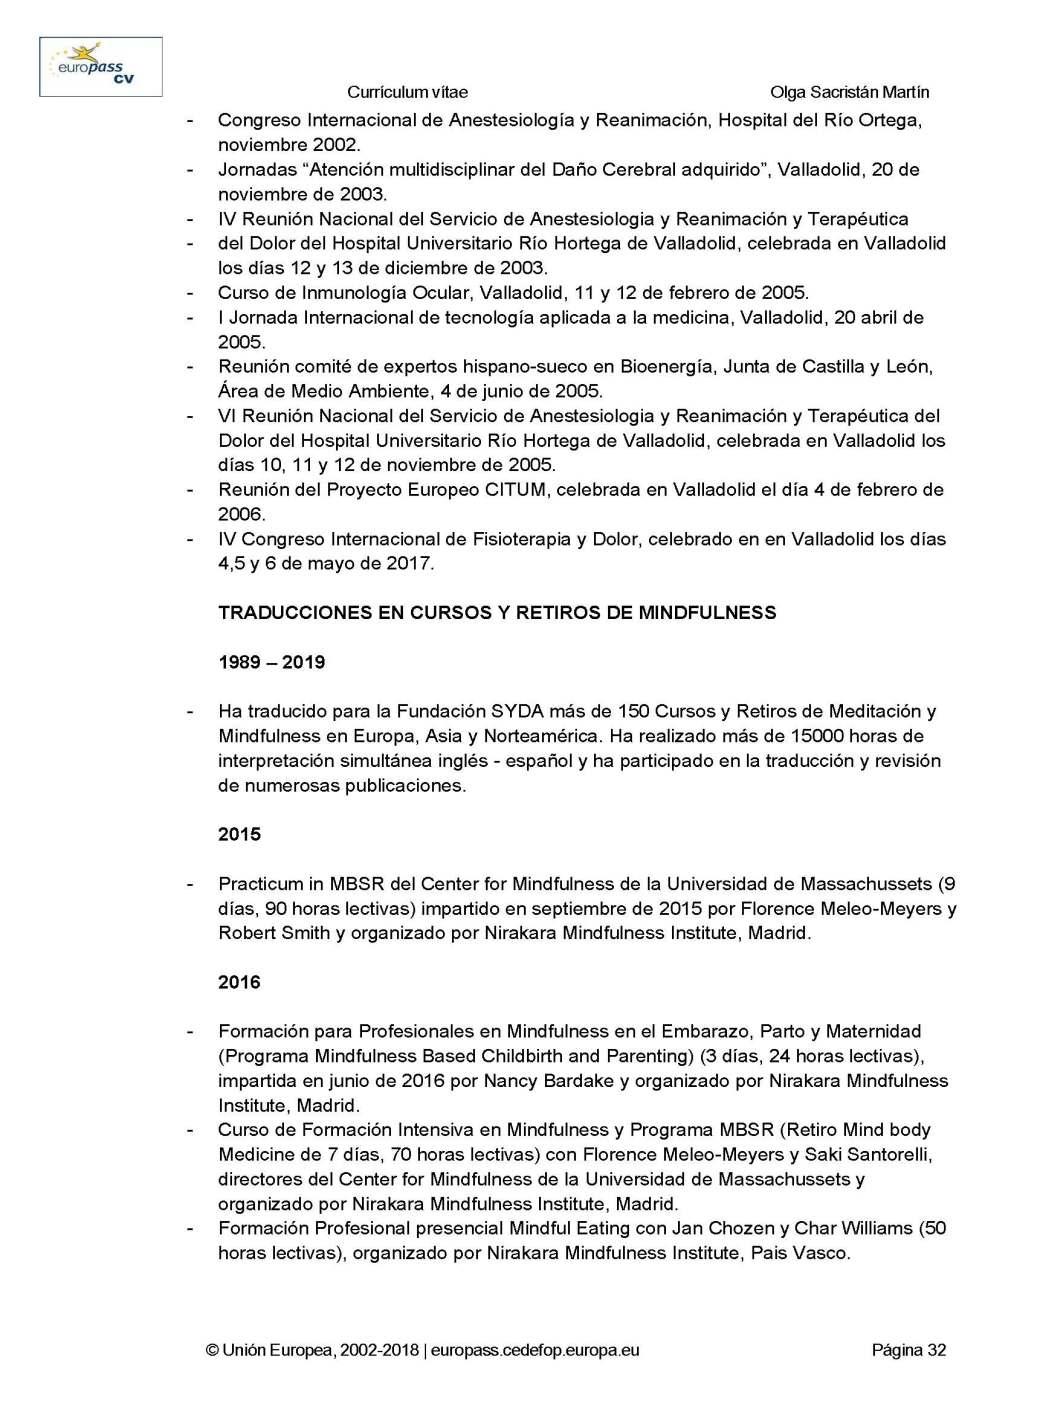 CURRICULUM EUROPASS DRA. OLGA SACRISTAN 2020_Página_32